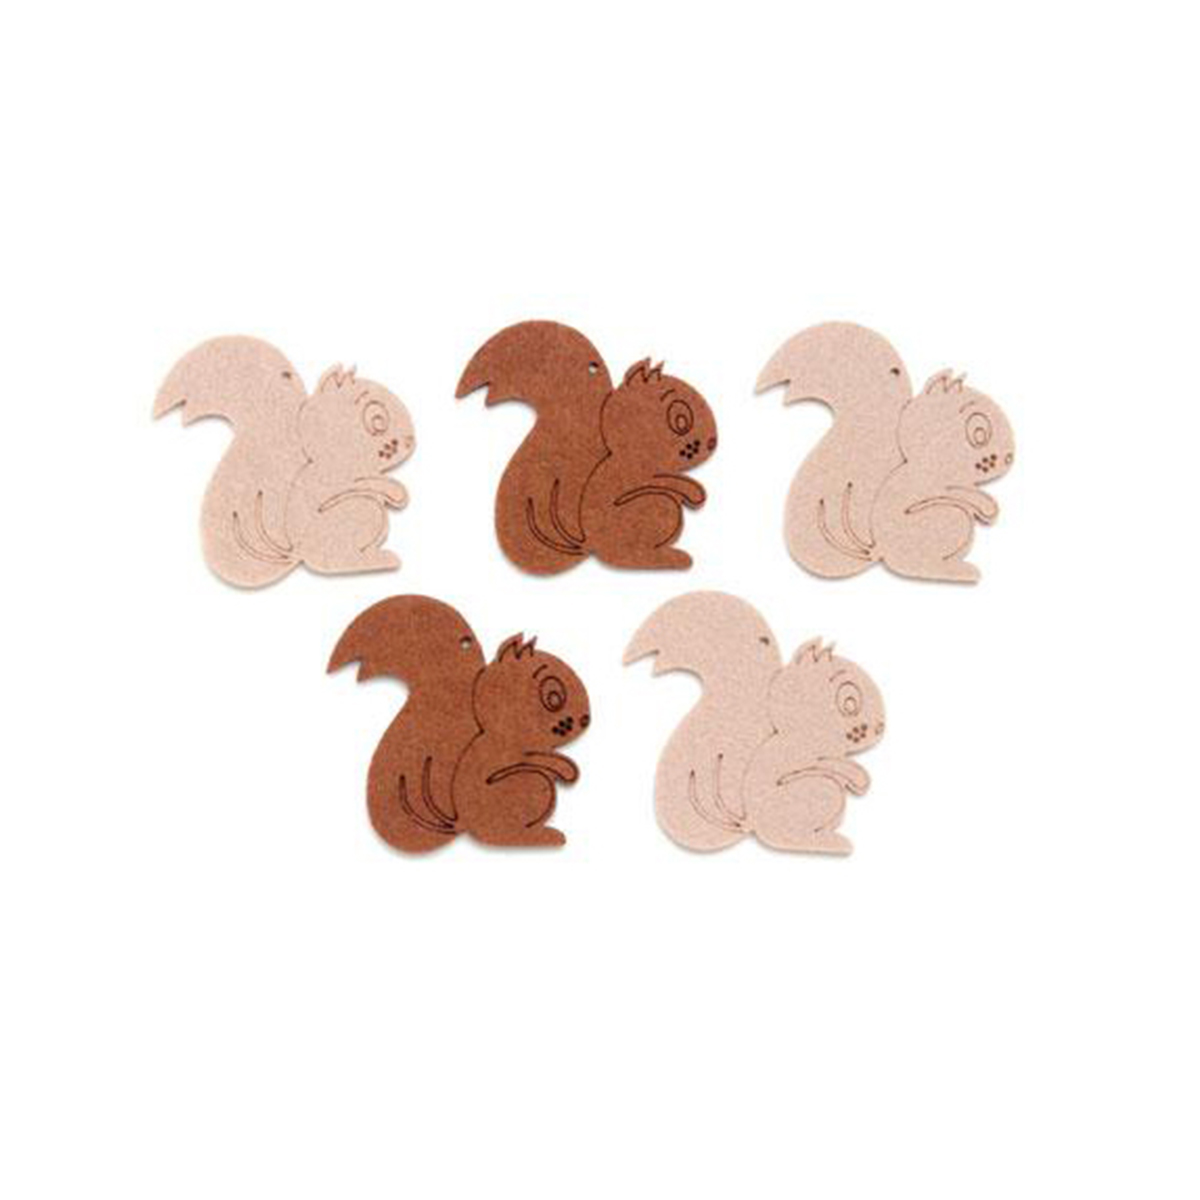 Фигурки из фетра Glorex Белки, цвет: бежевый, коричневый, 5 см, 5 шт318679